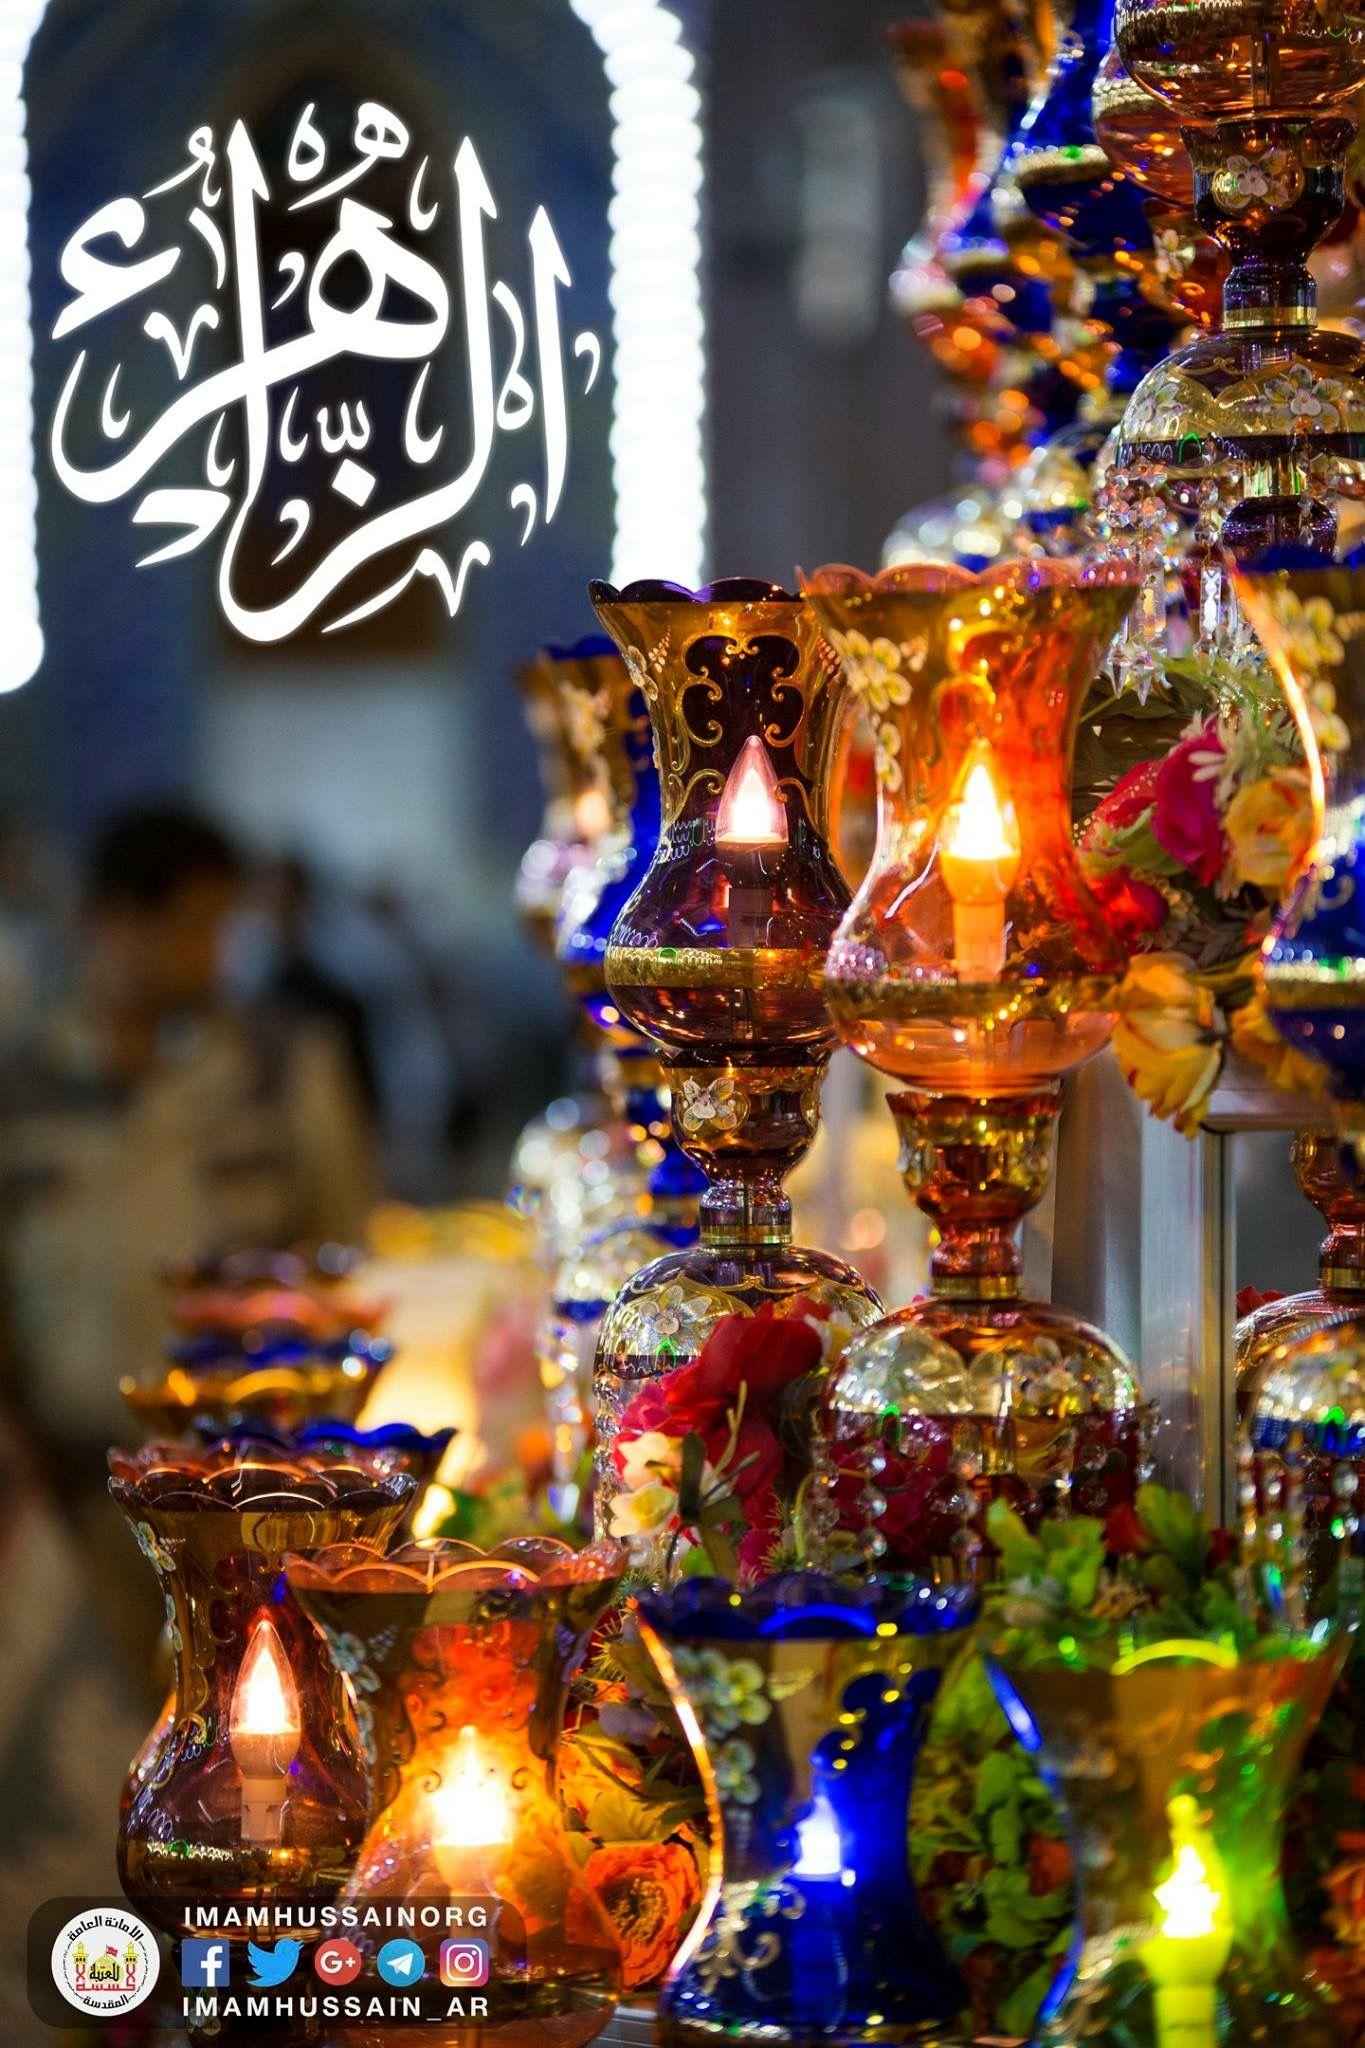 السلام على بضعة الرسول الزجيه Islamic Wallpaper Islamic Calligraphy Hussain Karbala